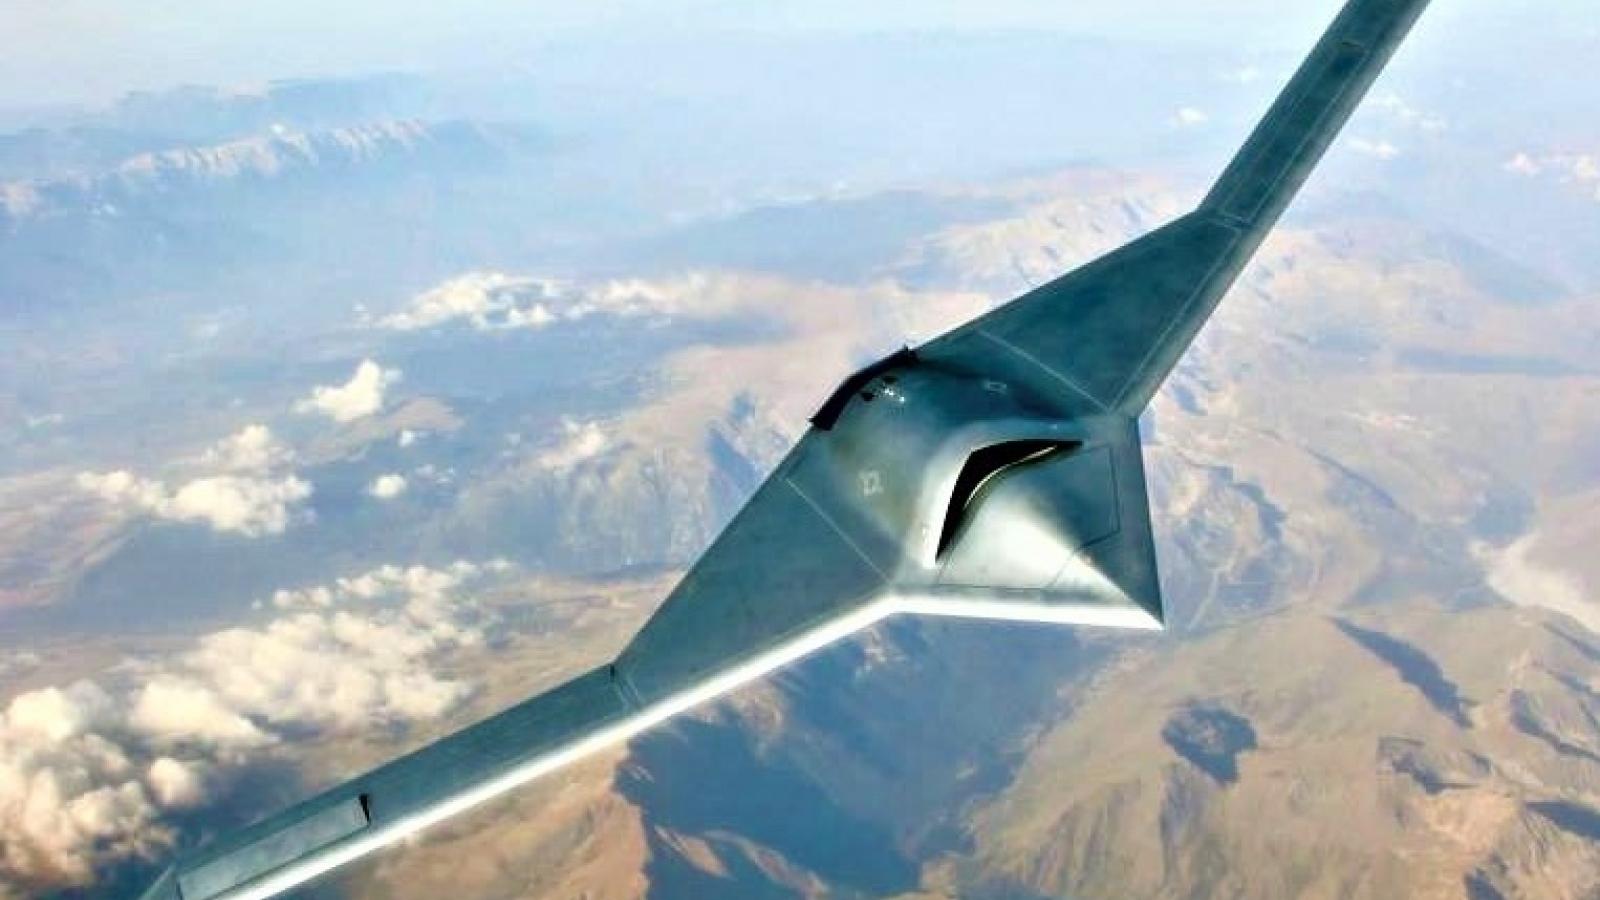 RQ-180 -  Máy bay trinh sát tầm cao tàng hình không người lái tuyệt mật của Mỹ